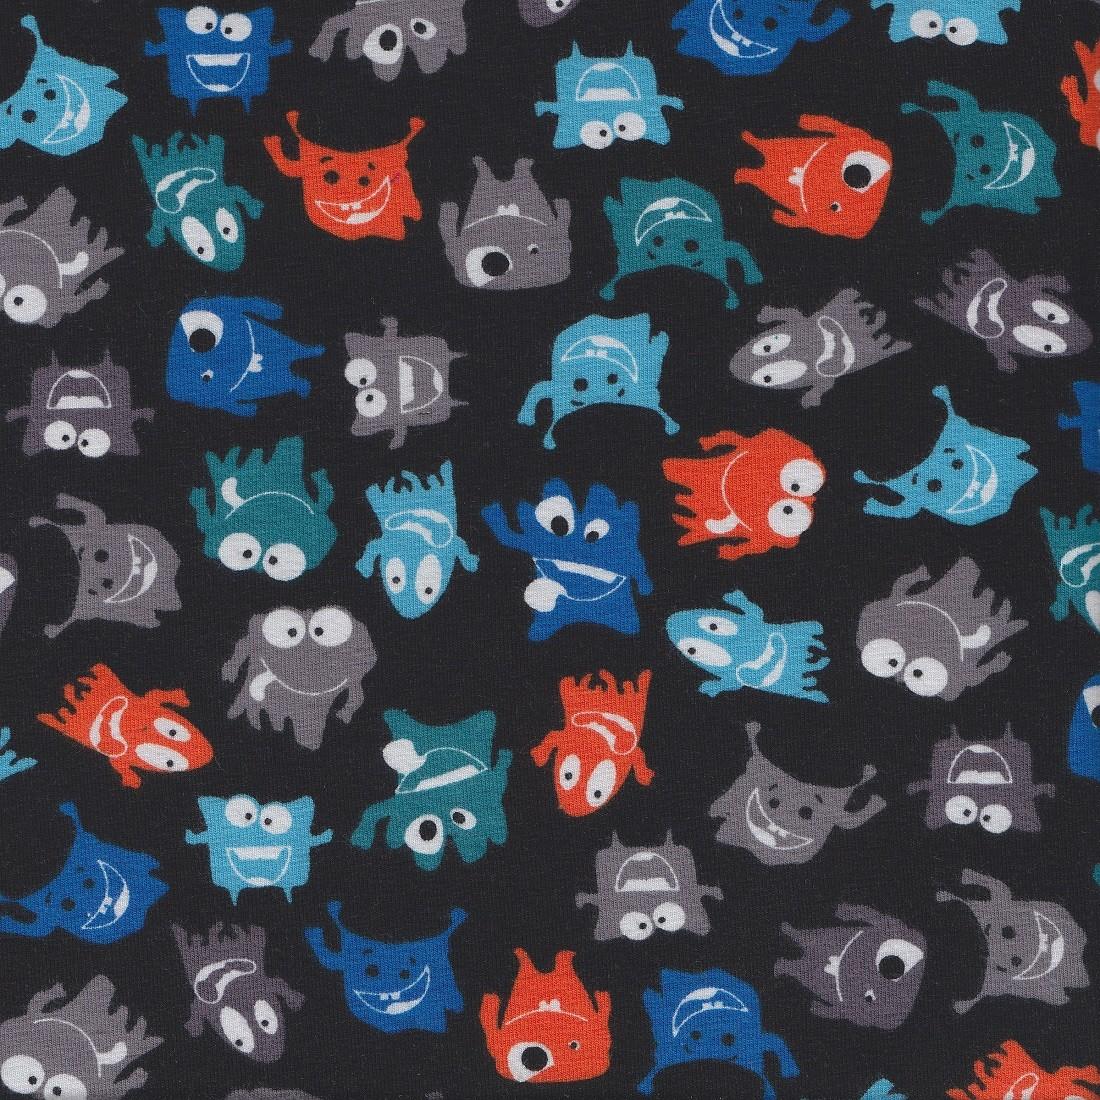 Verhees Knit Miror Monsters Monsters